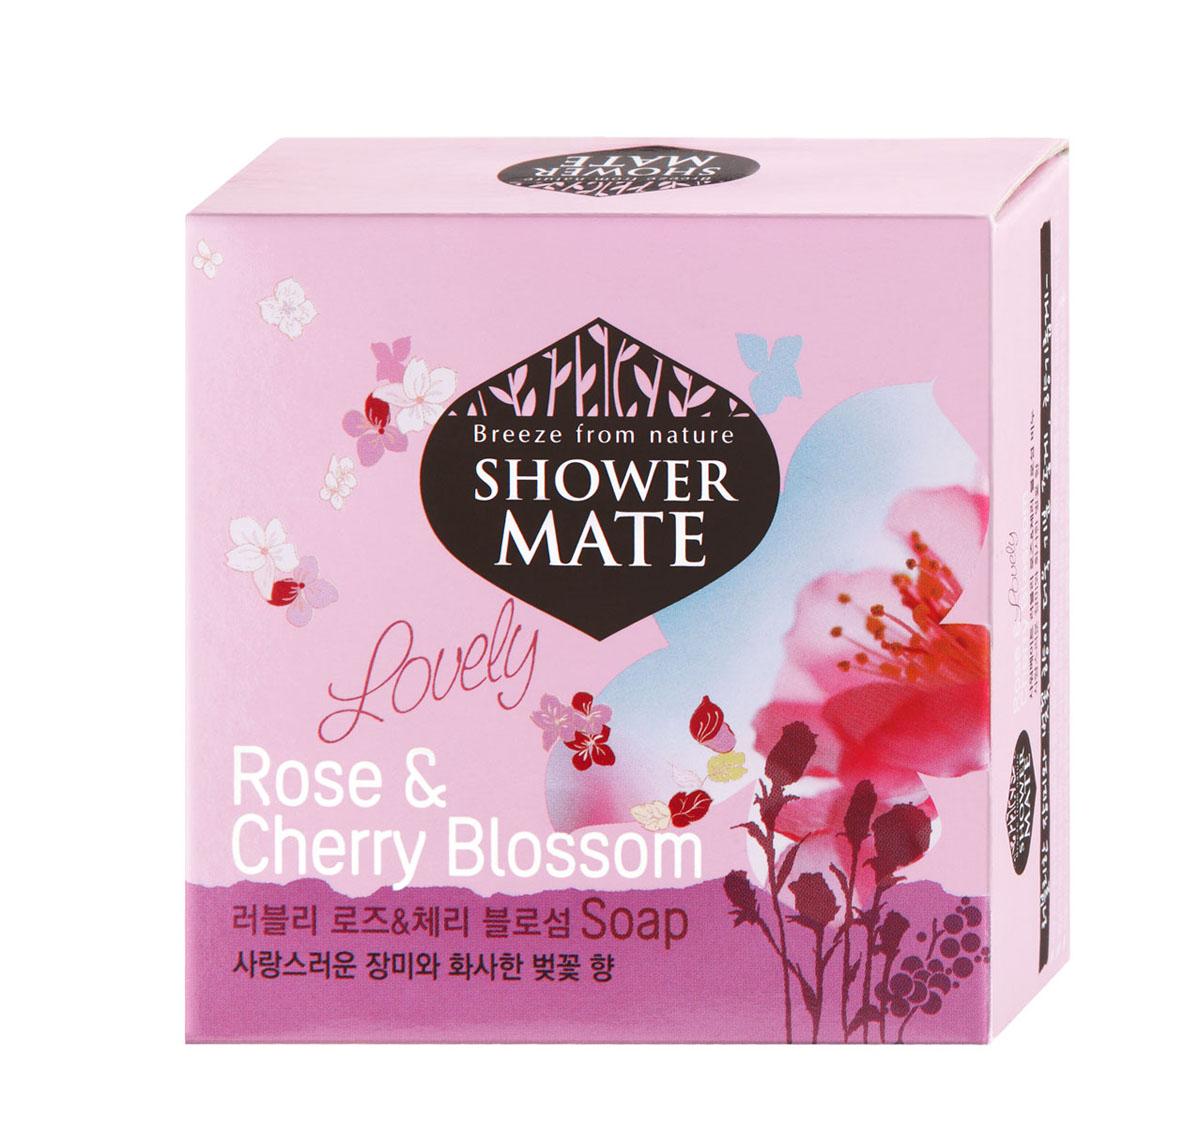 Shower Mate Мыло косметическое Роза и вишневый цвет, 100 г988077Экстракт розы увлажняет и успокаивает кожу. Экстракт вишни делает кожу гладкой и эластичной. Роскошный аромат розы и едва уловимый аромат цветов вишни создают романтичное настроение и ощущение полного блаженства. Характеристики:Вес: 100 г. Артикул: 988077. Производитель: Корея. Товар сертифицирован.